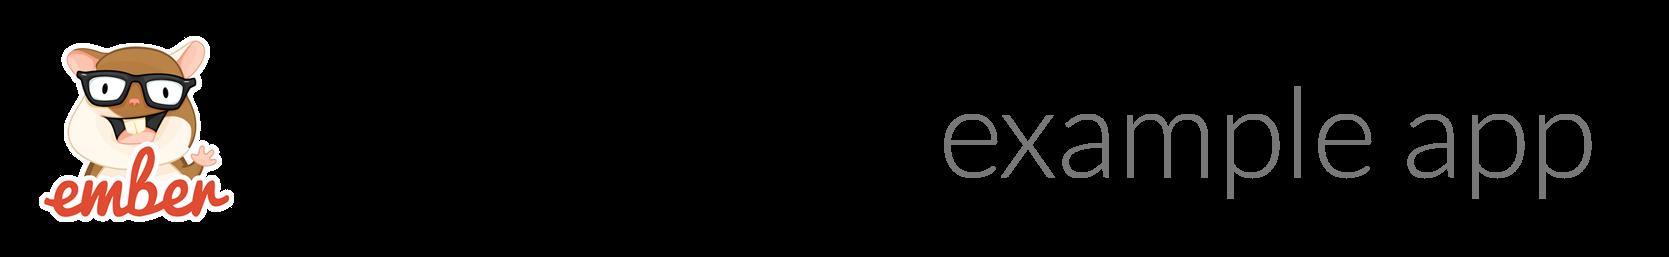 ember-realworld-logo